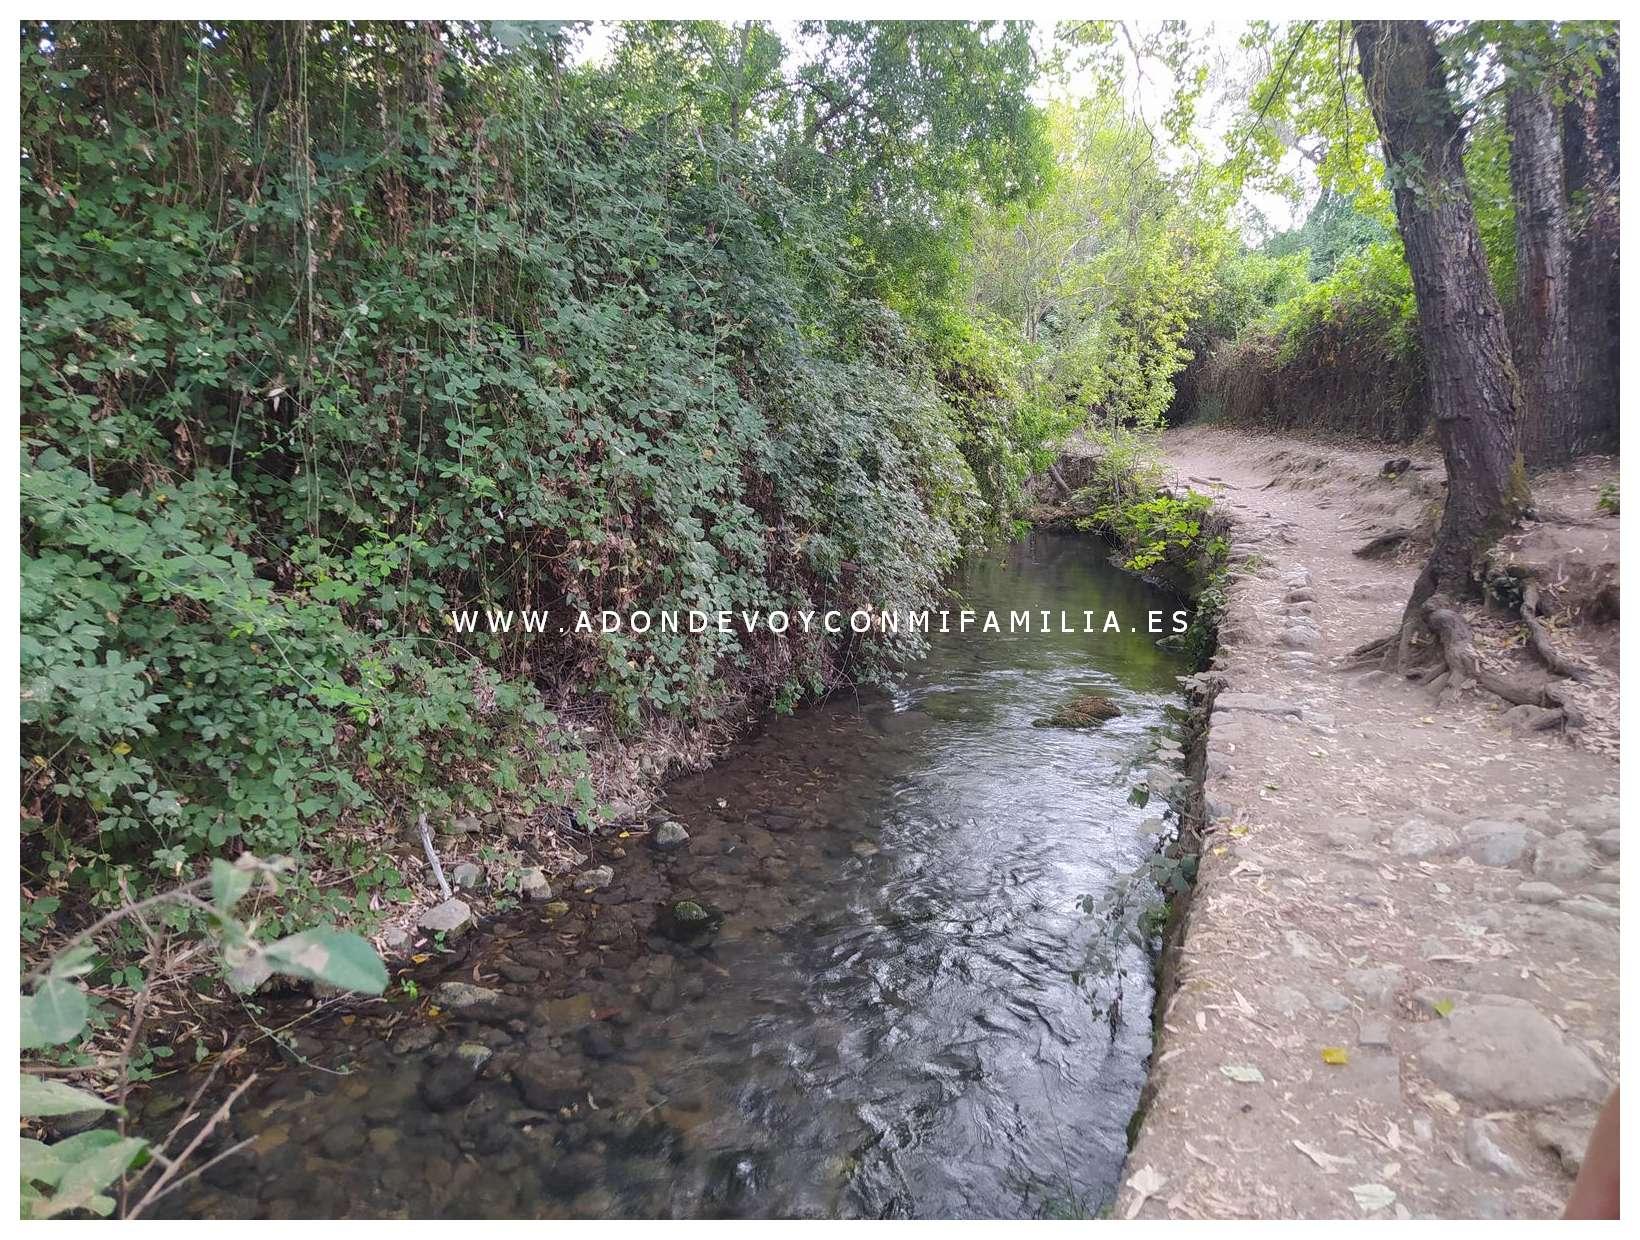 sendero rio majaceite adondevoyconmifamilia 26